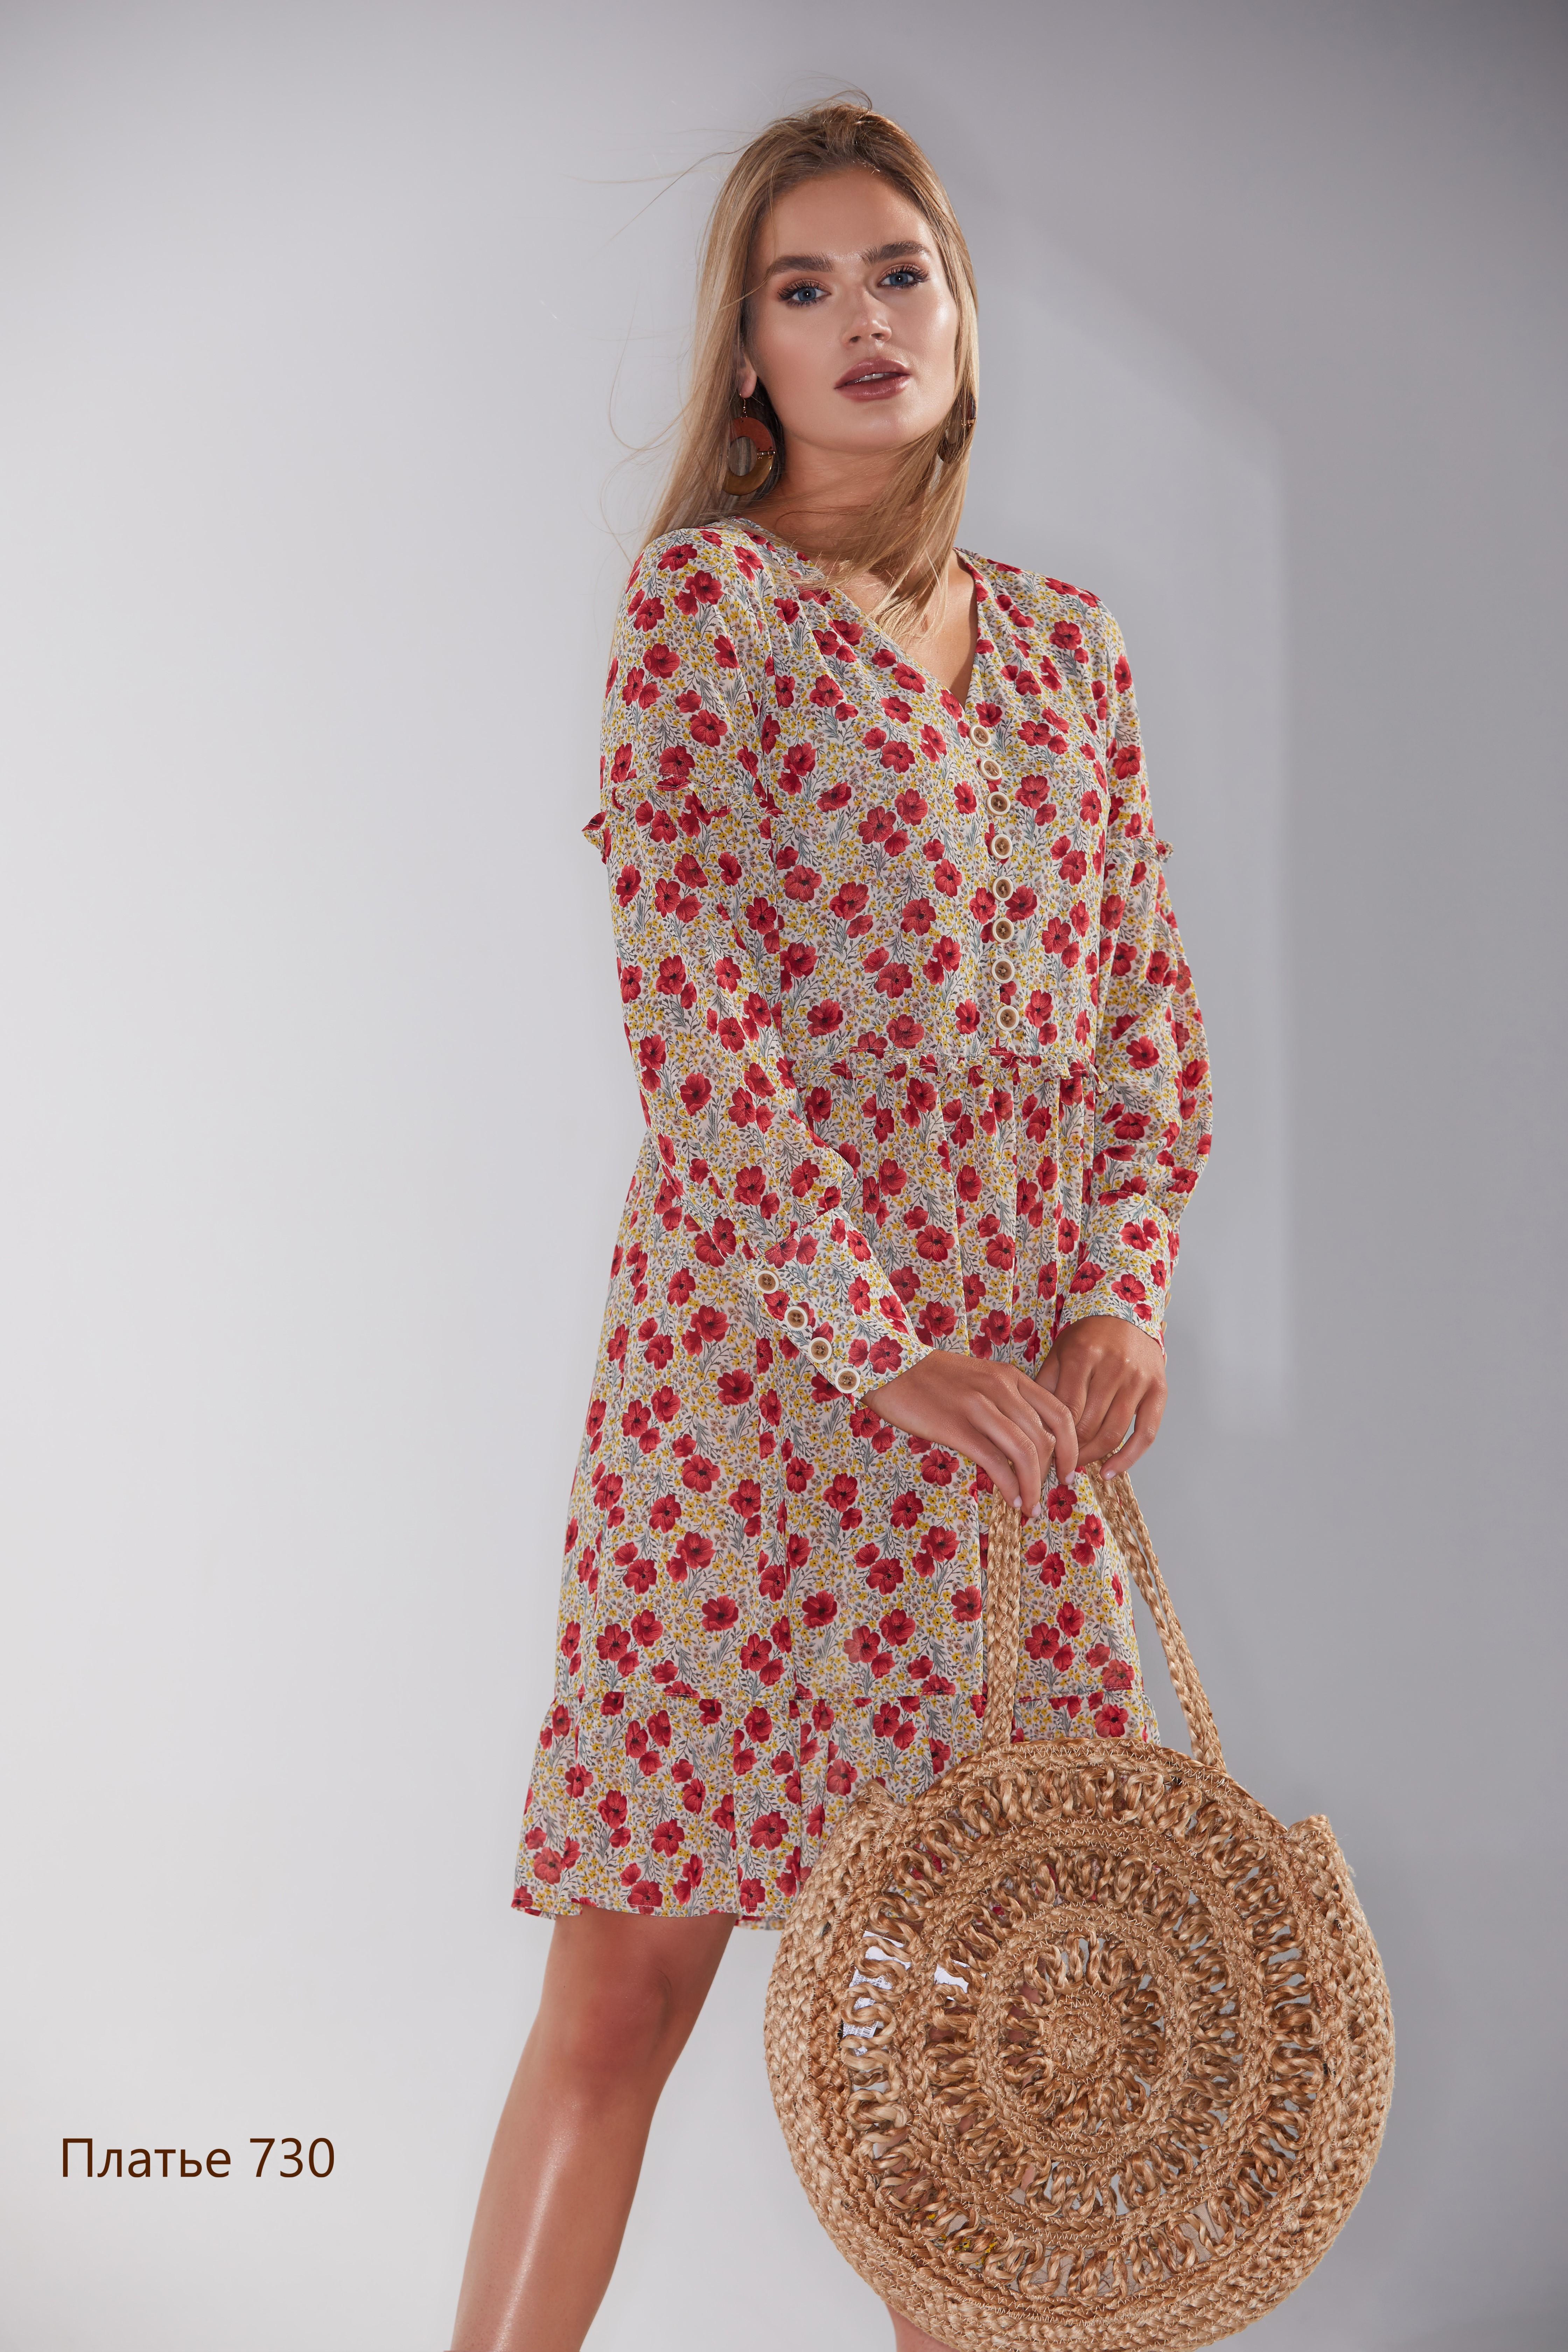 Платье 730 (2)